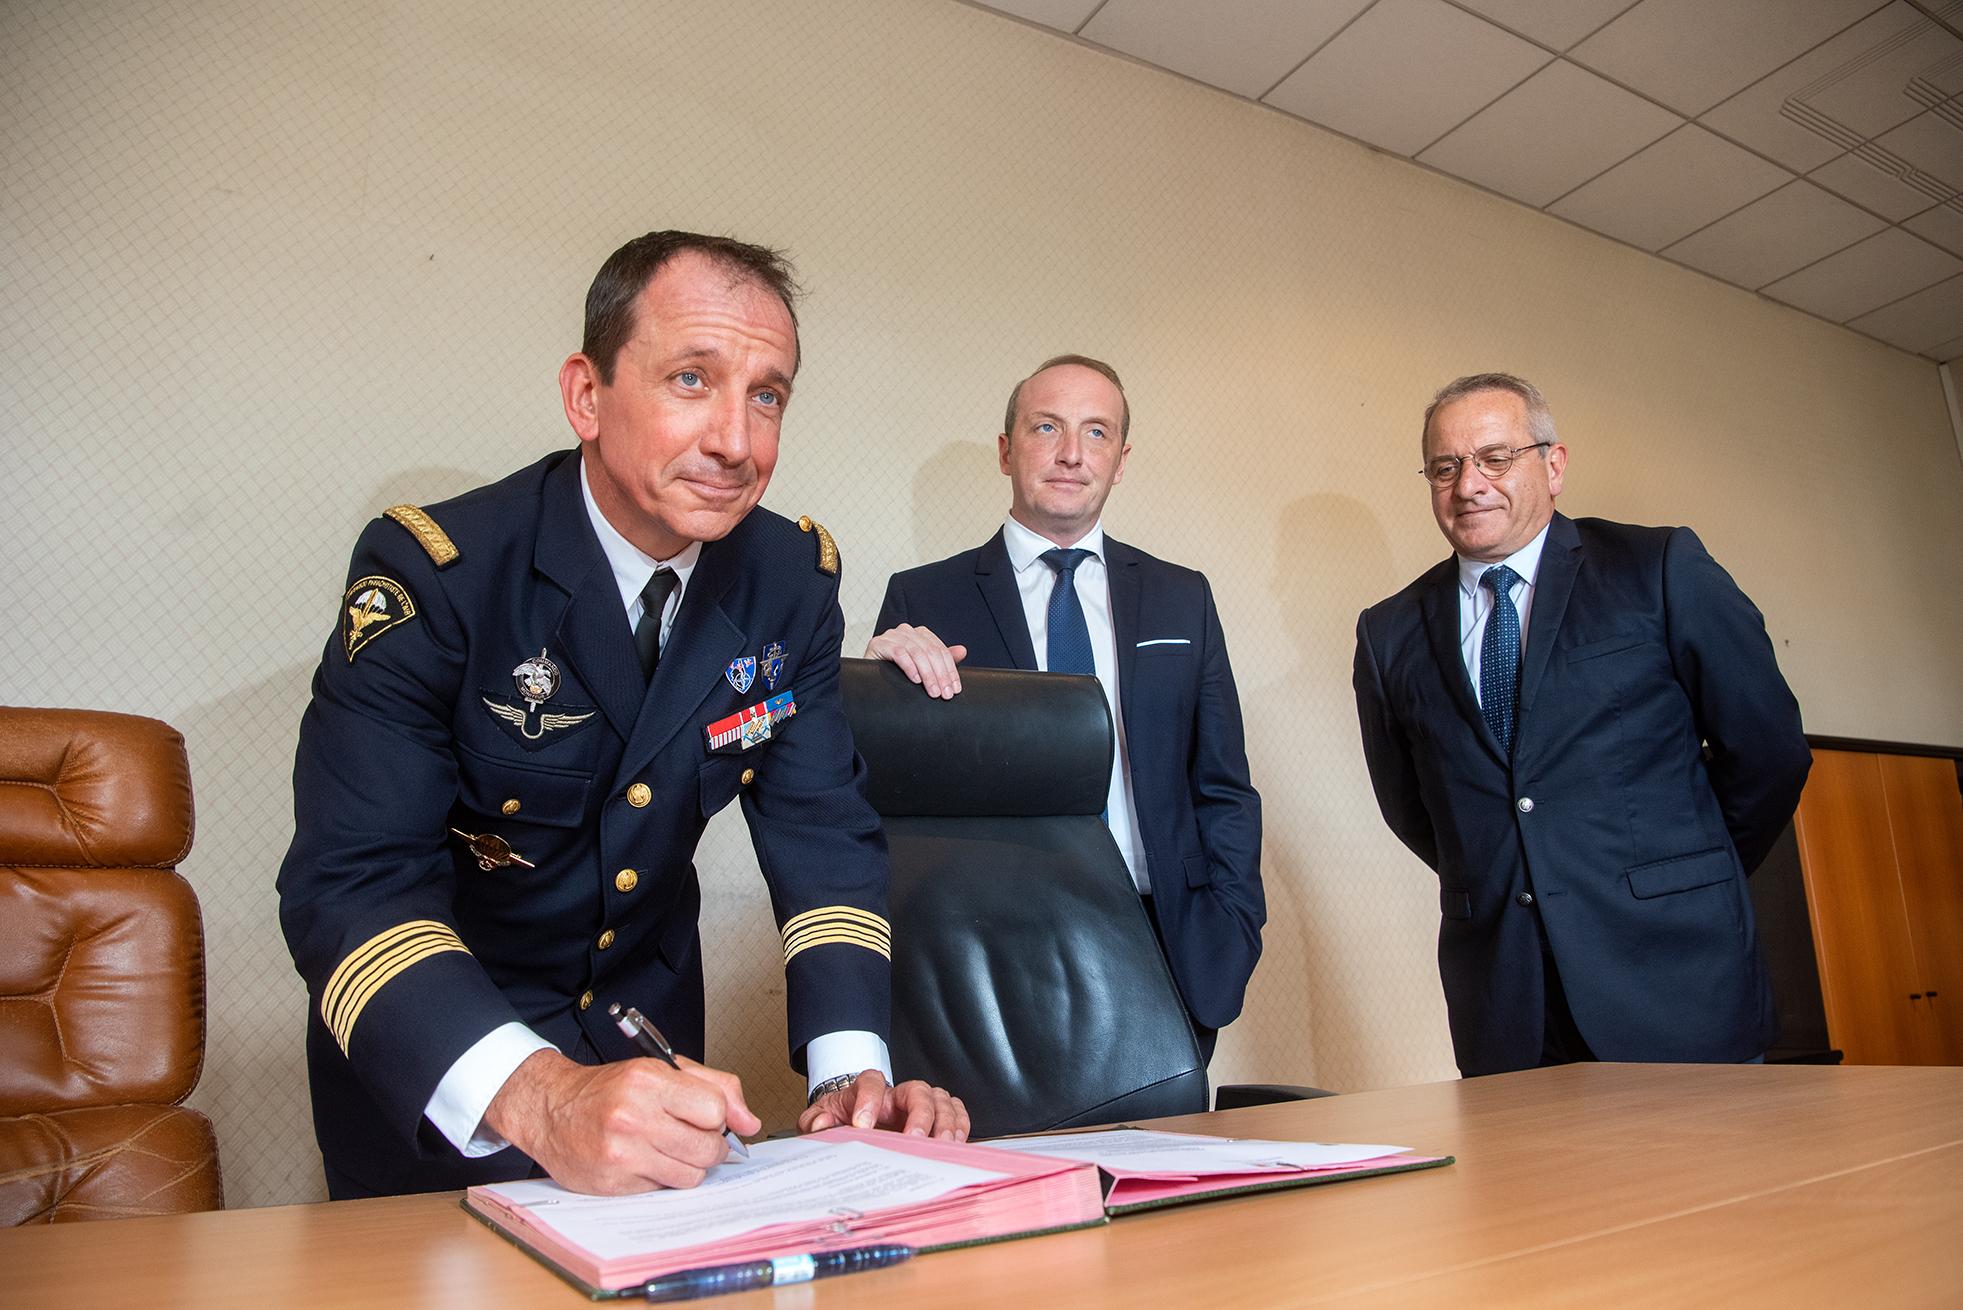 Le colonel Ribette commandant la base de Ventiseri-Solenzara dont dépend la garnison d'Ajaccio et à ce titre représentant de l'Etat, signe à son tour l'état des lieux.